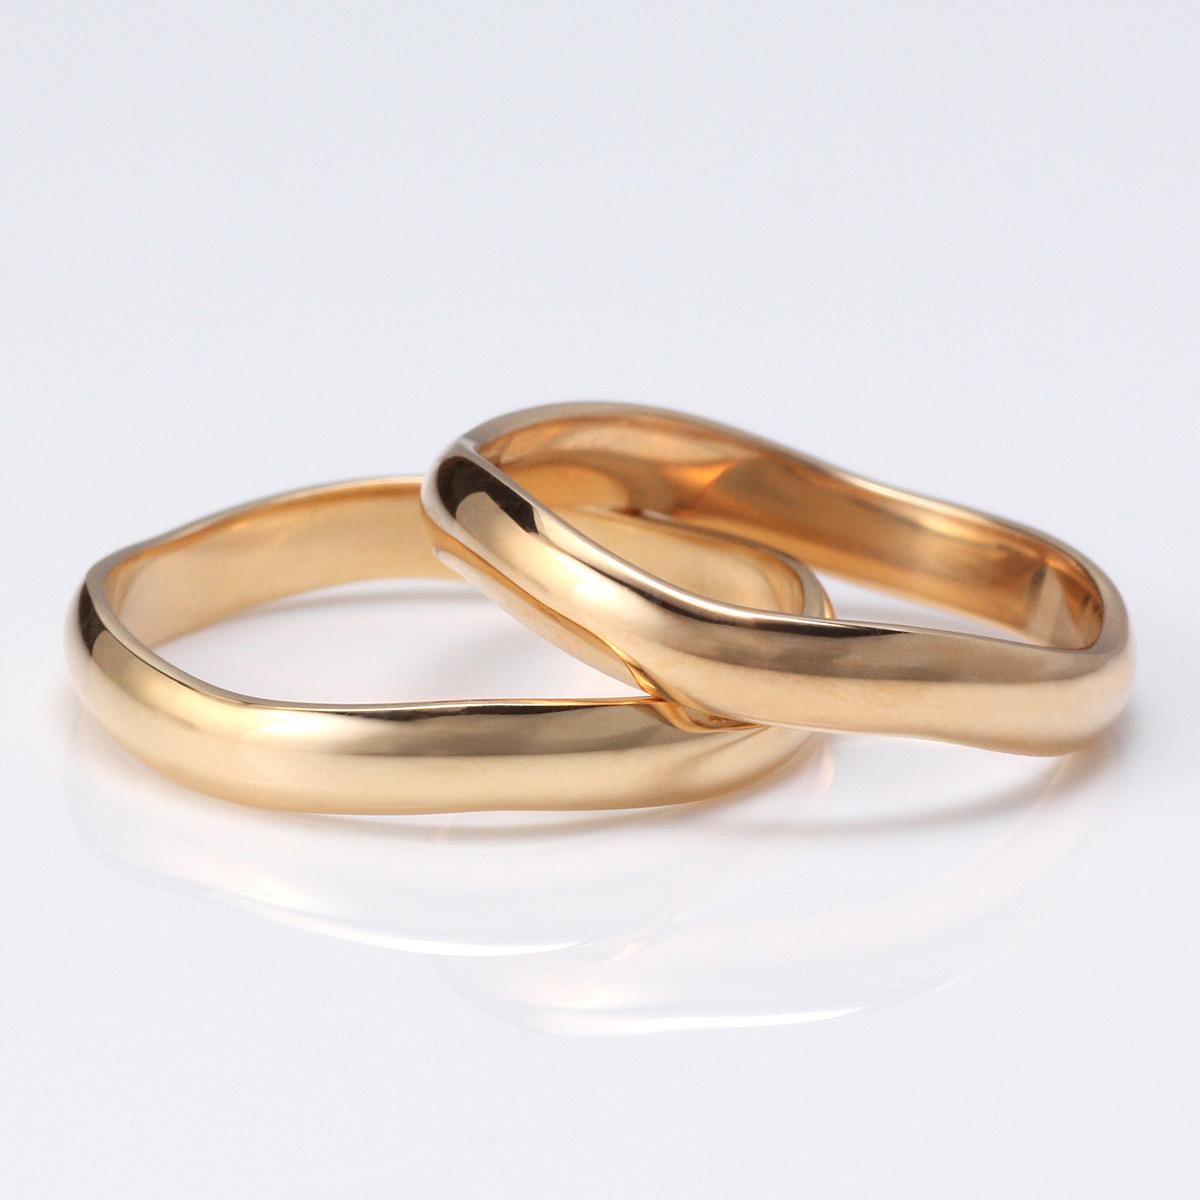 ピンクゴールド 結婚指輪 マリッジリング ペアリング 18金 V字 カーブ 2本セット